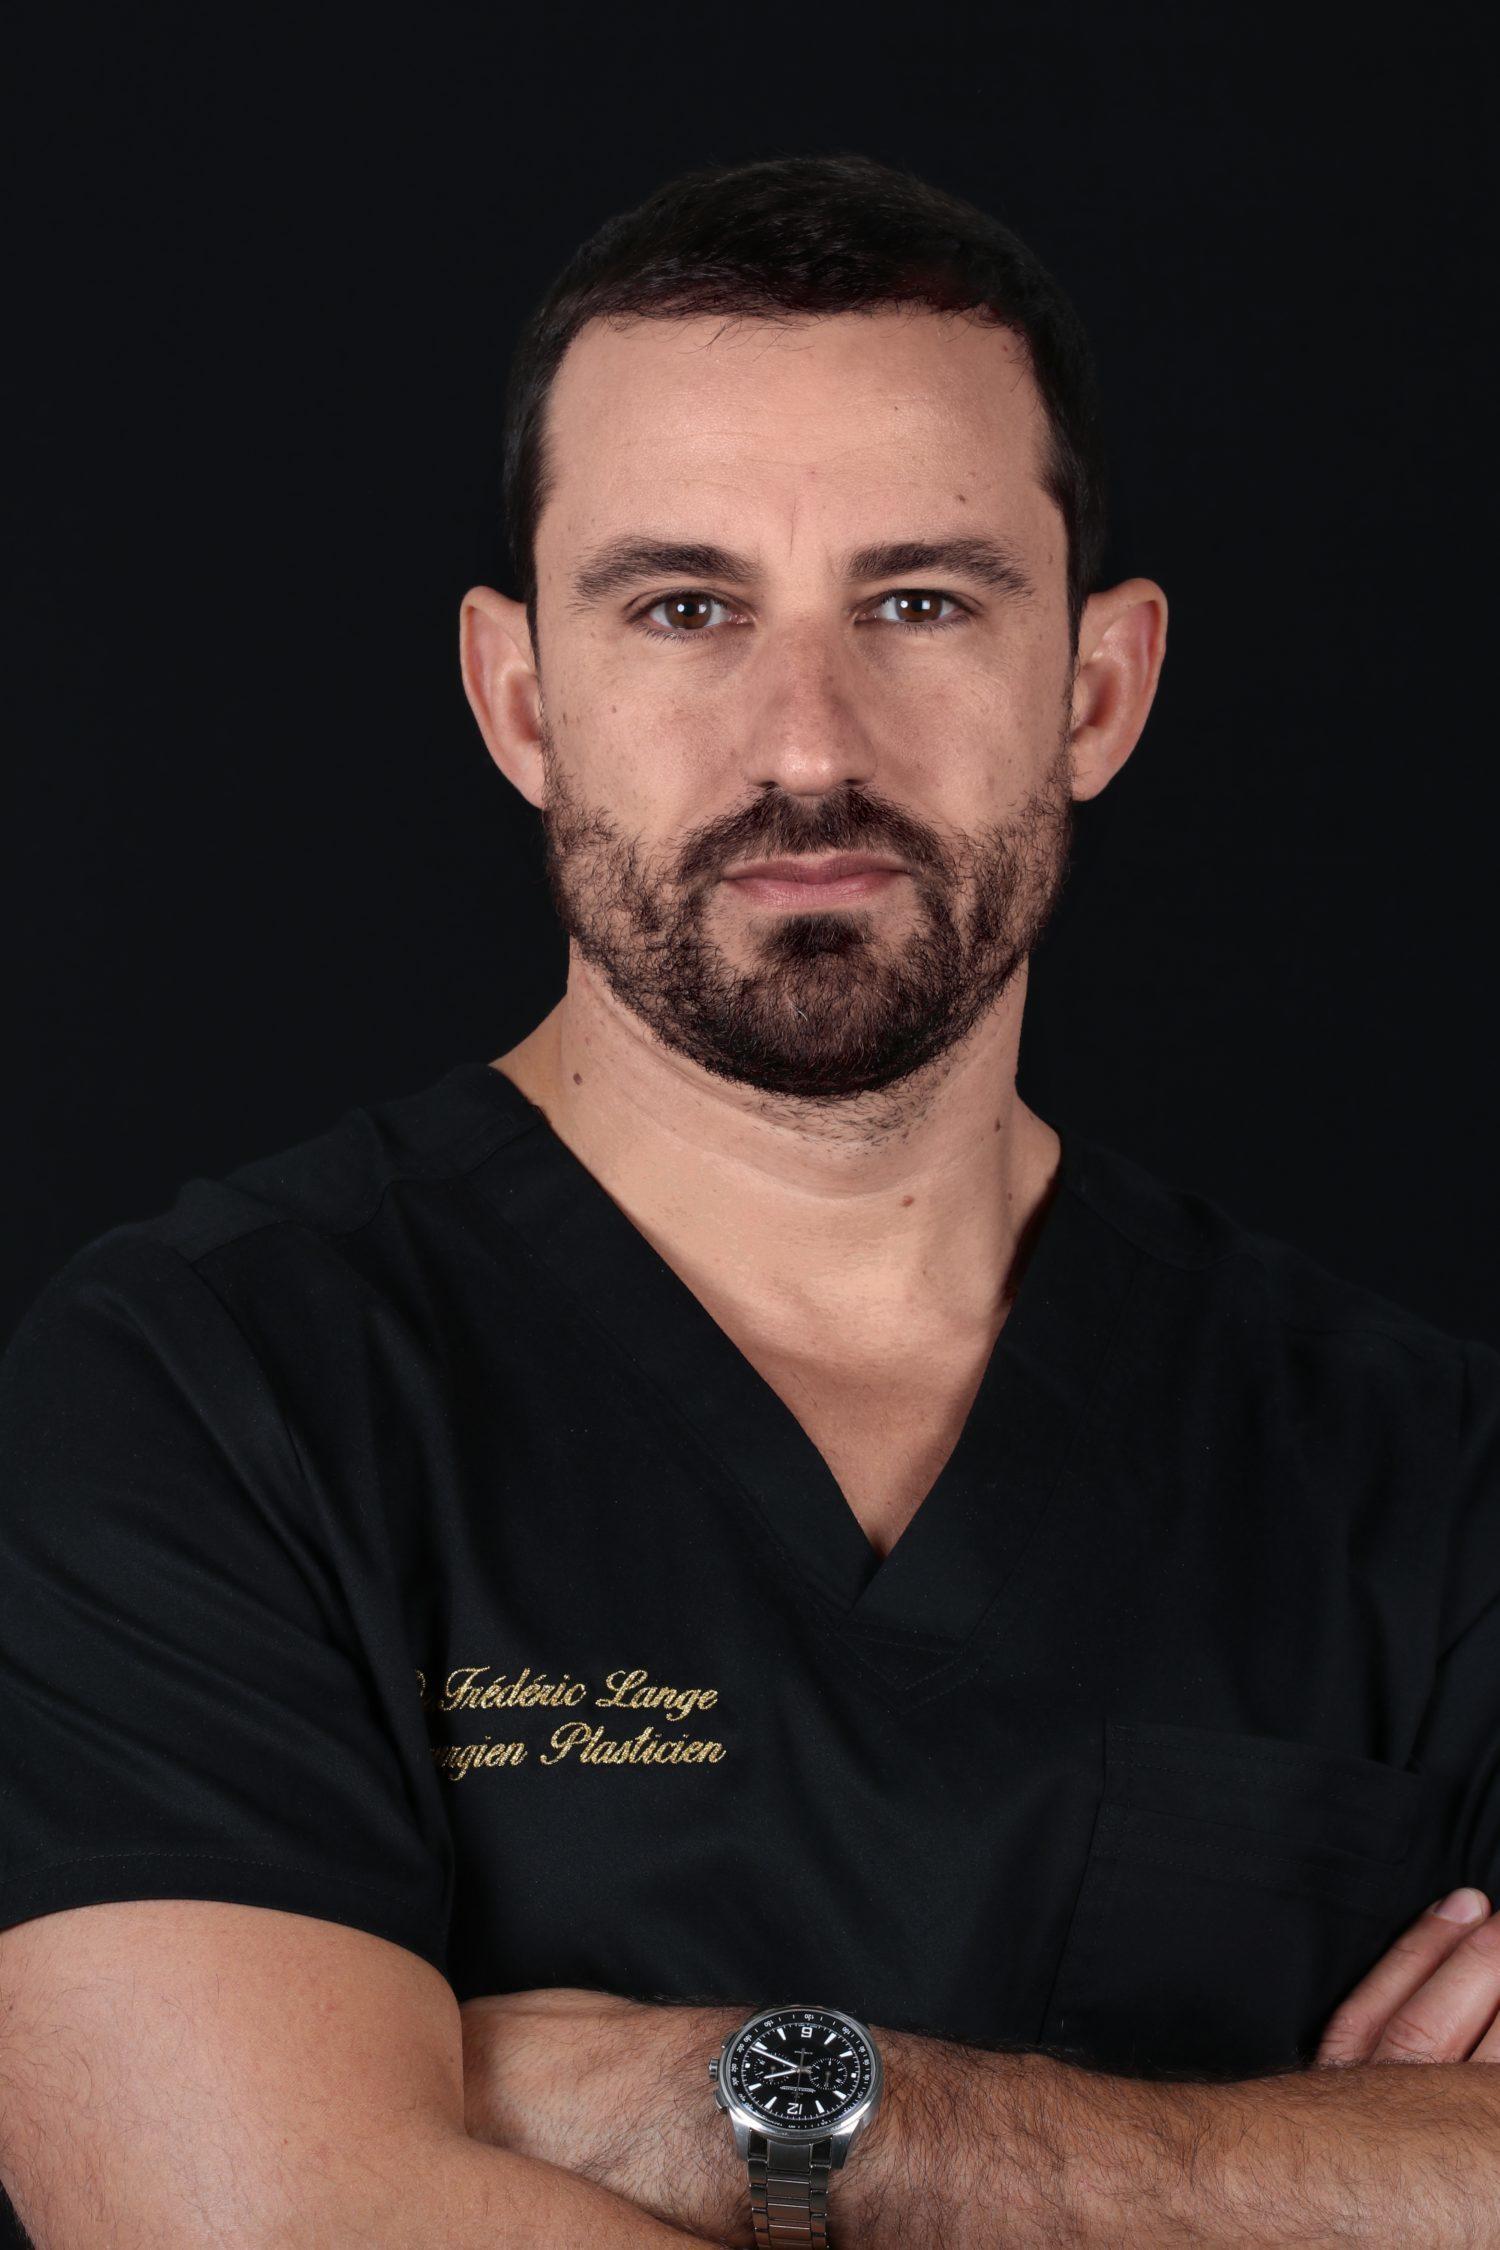 Snapseed e1571679880128 Dr. Frédéric Lange